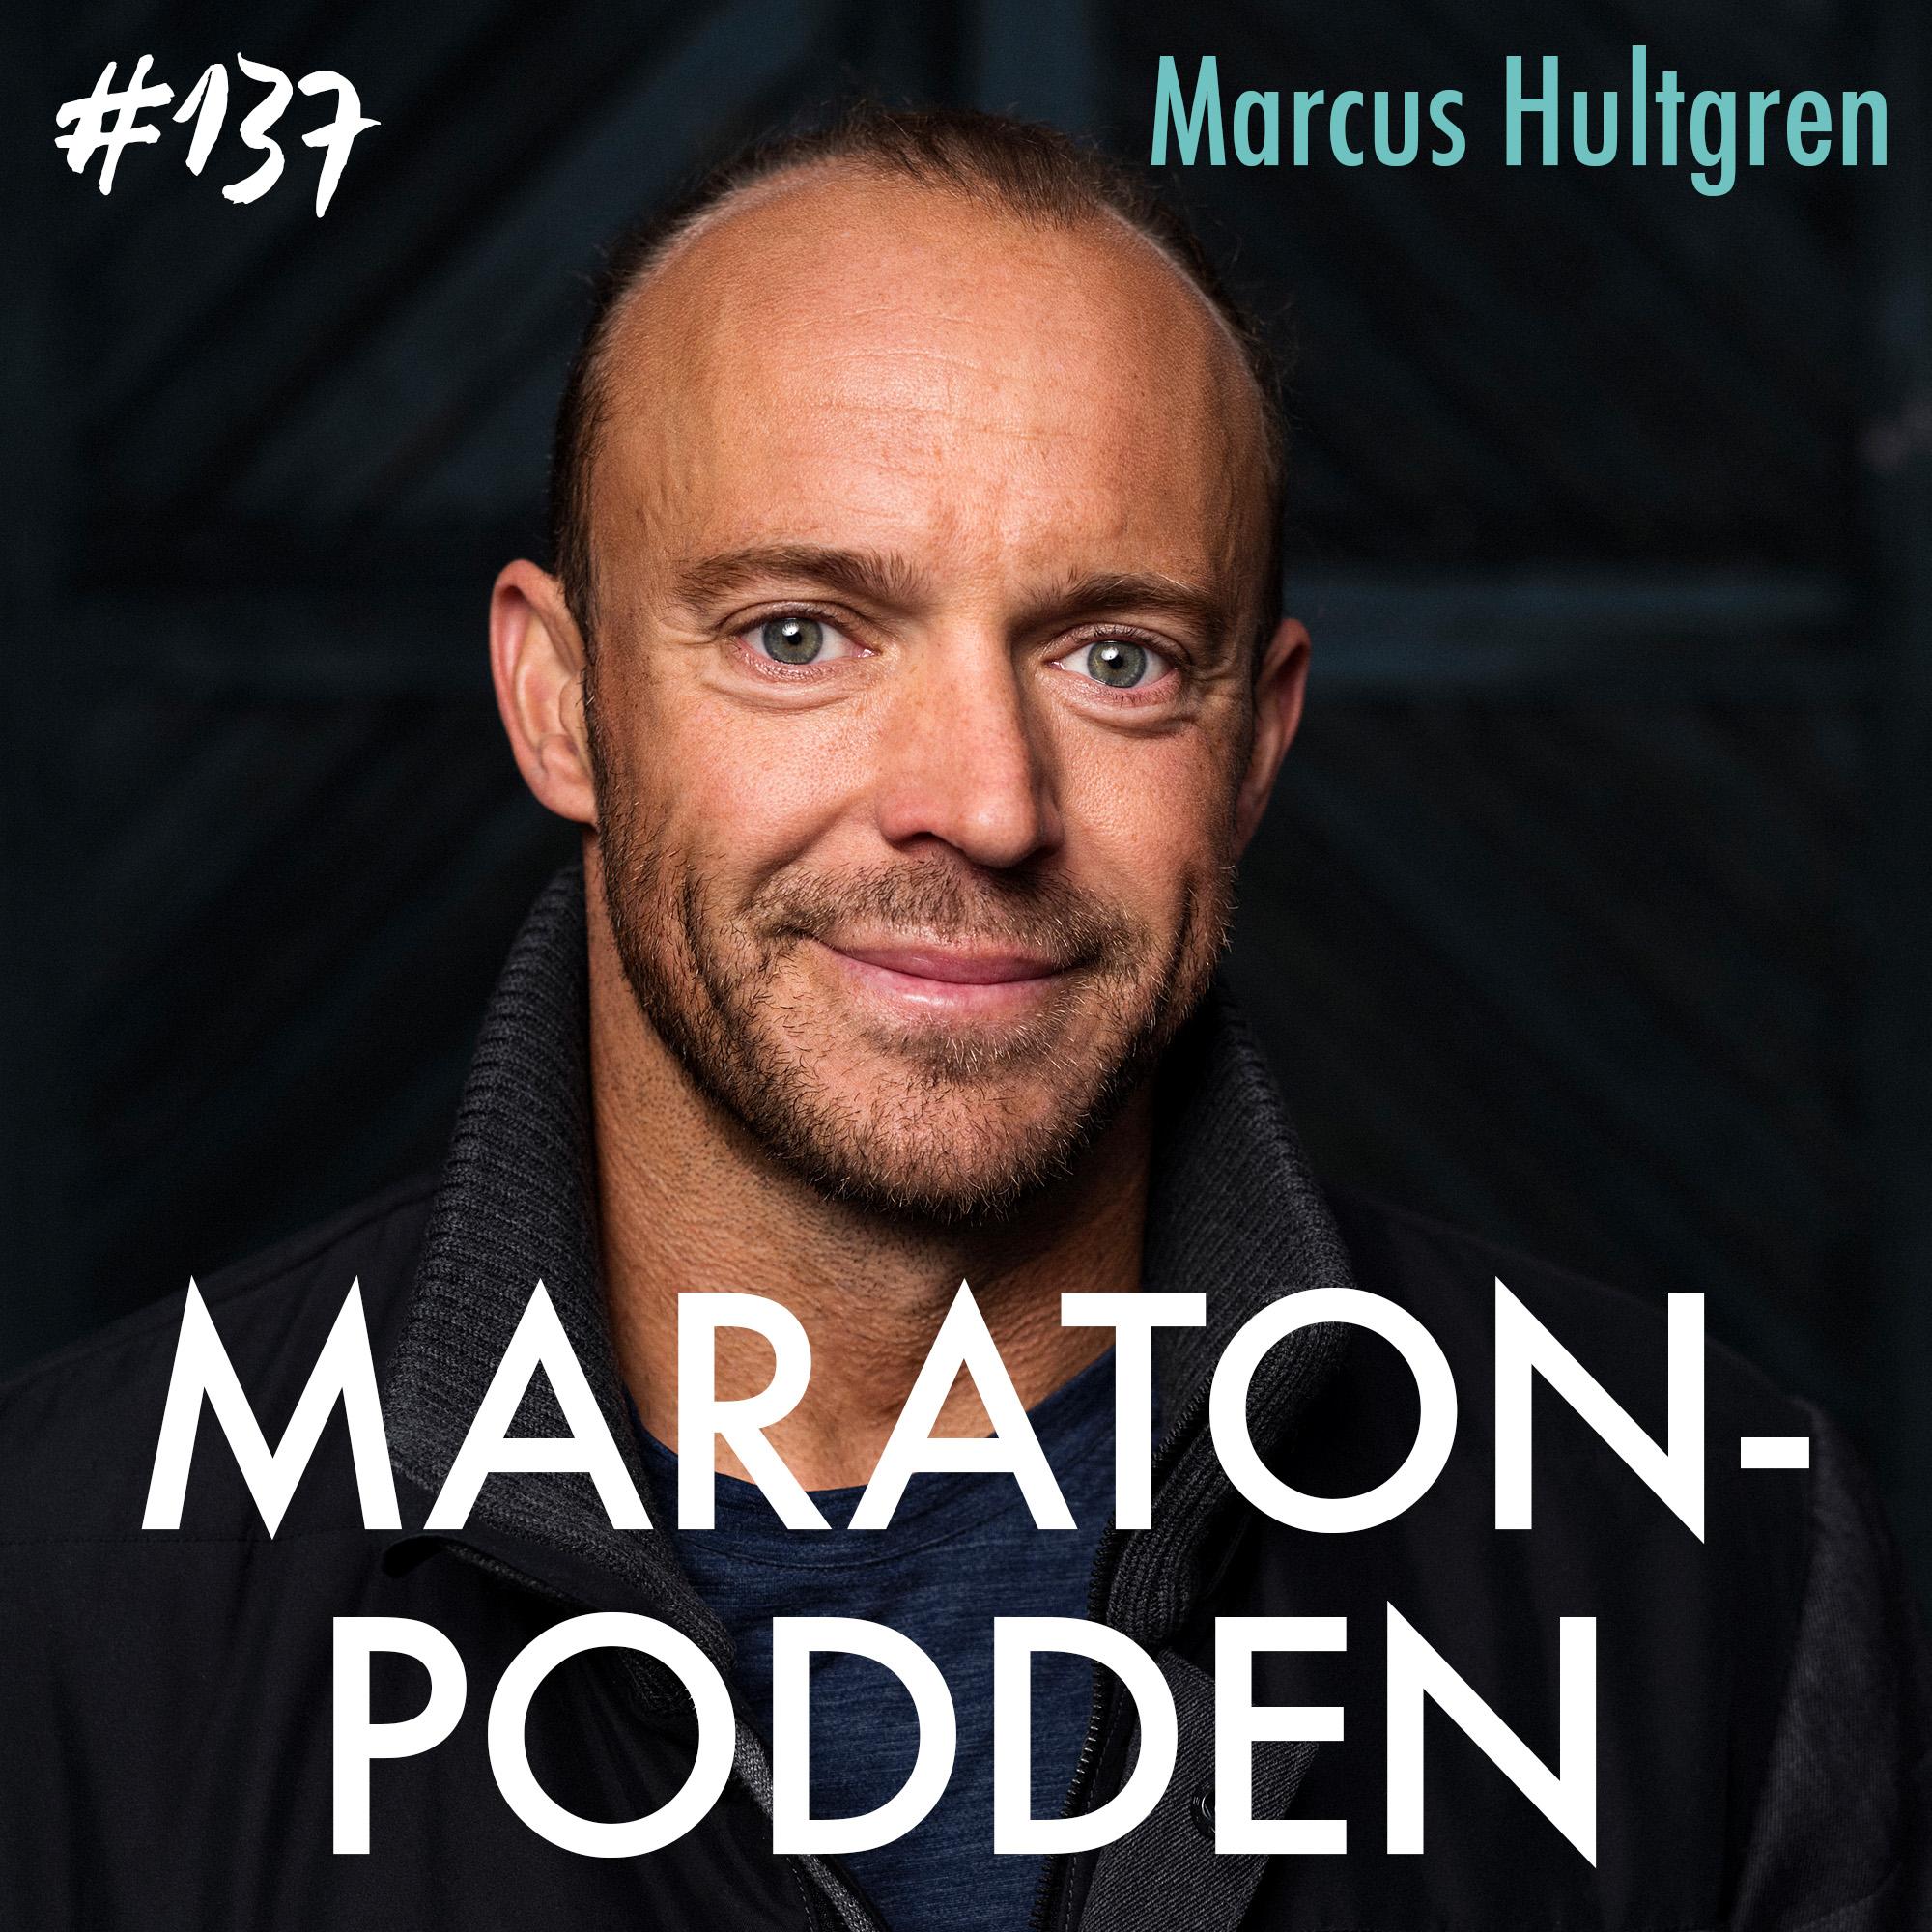 Marcus Hultgren